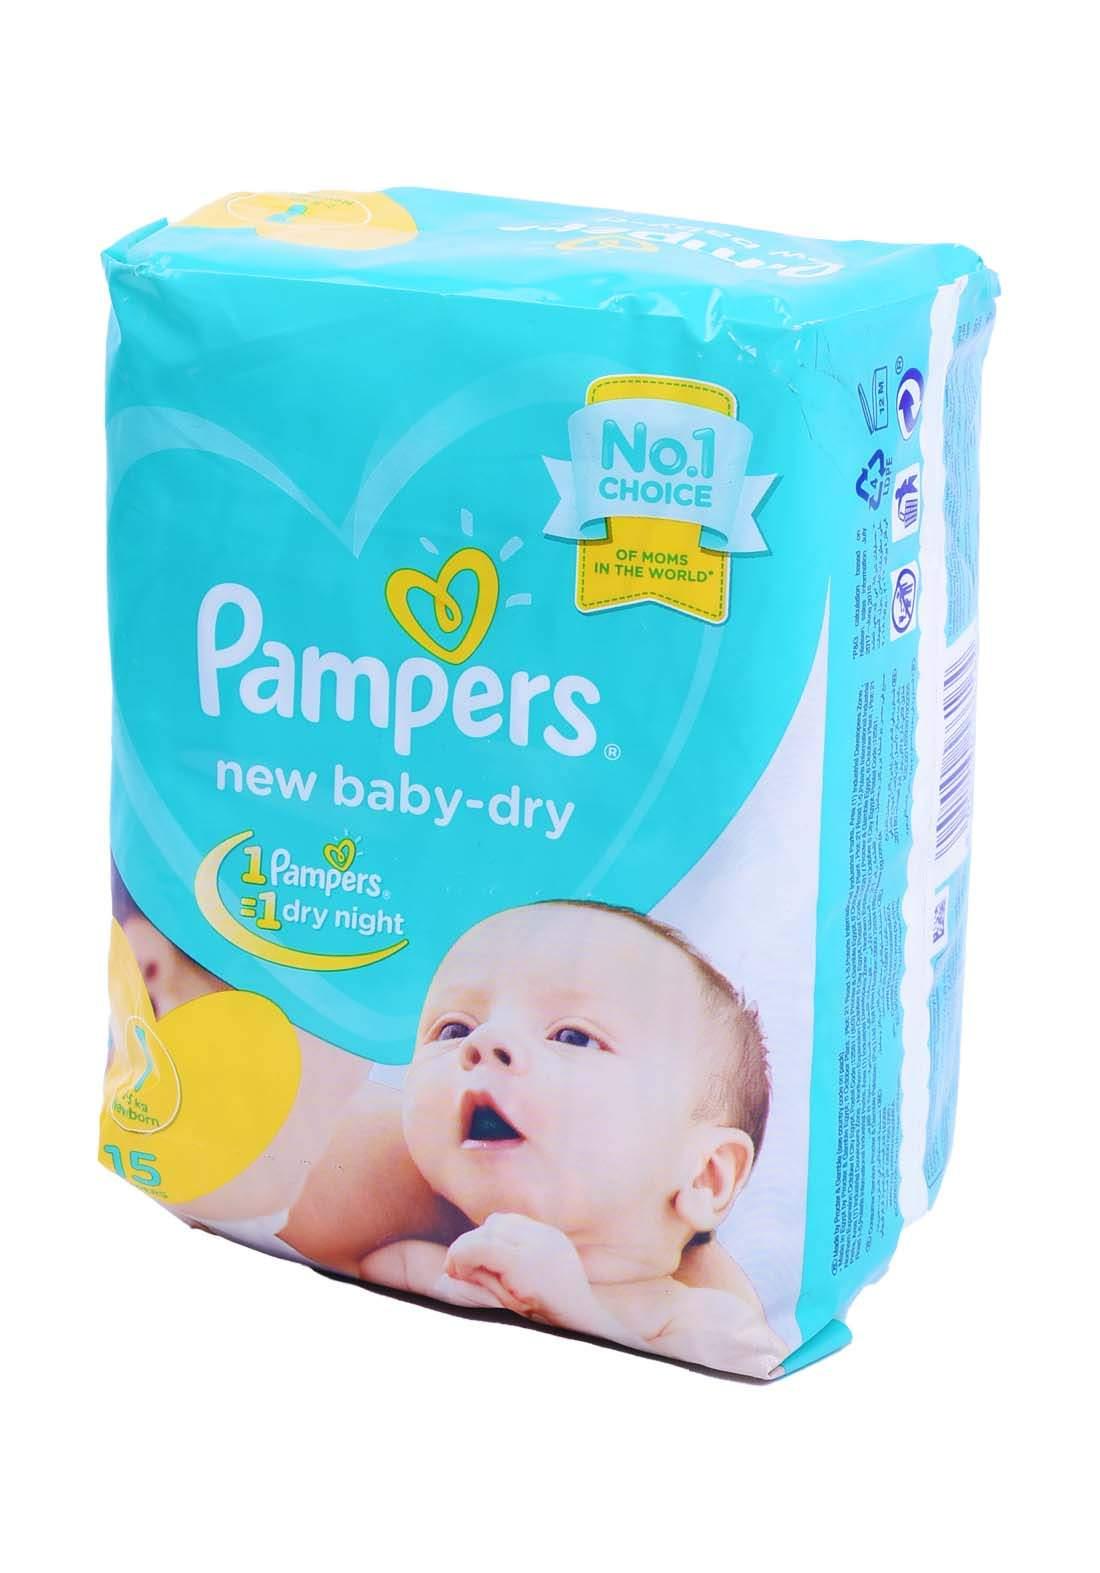 Pampers 2-5 Kg 15 Pcs حفاضات  بامبرز للاطفال عادي رقم 1